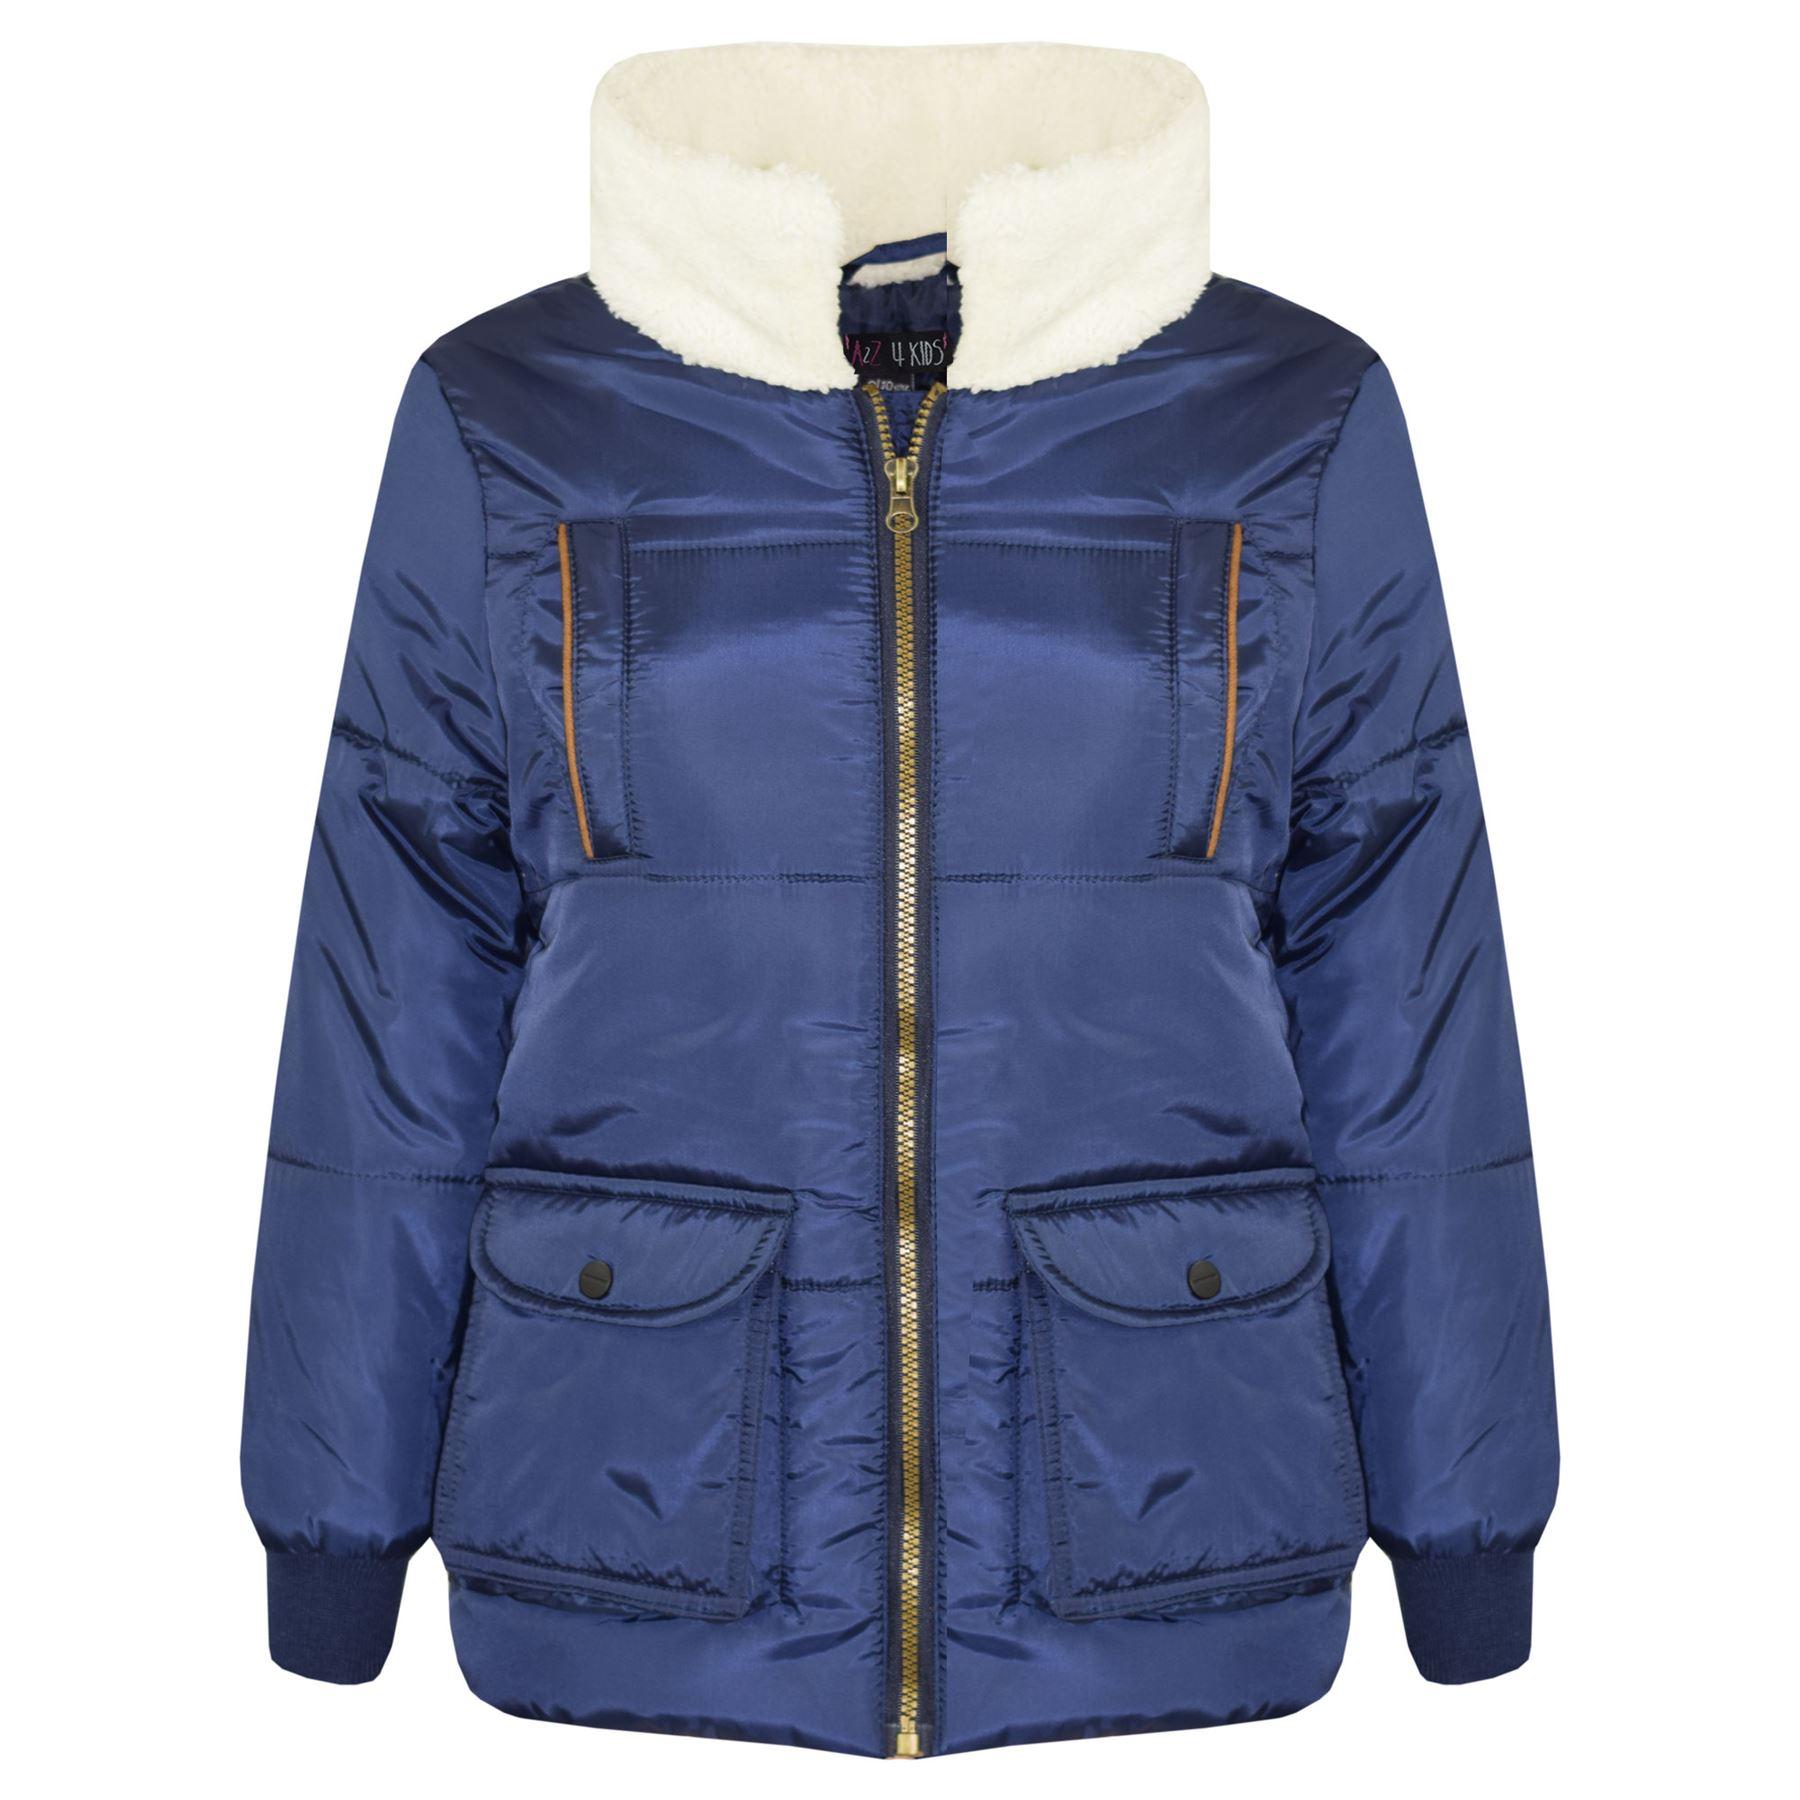 Kids Boys Girls Hooded Parka Jacket Lined School Jackets Outwear Coat 5-12 Years